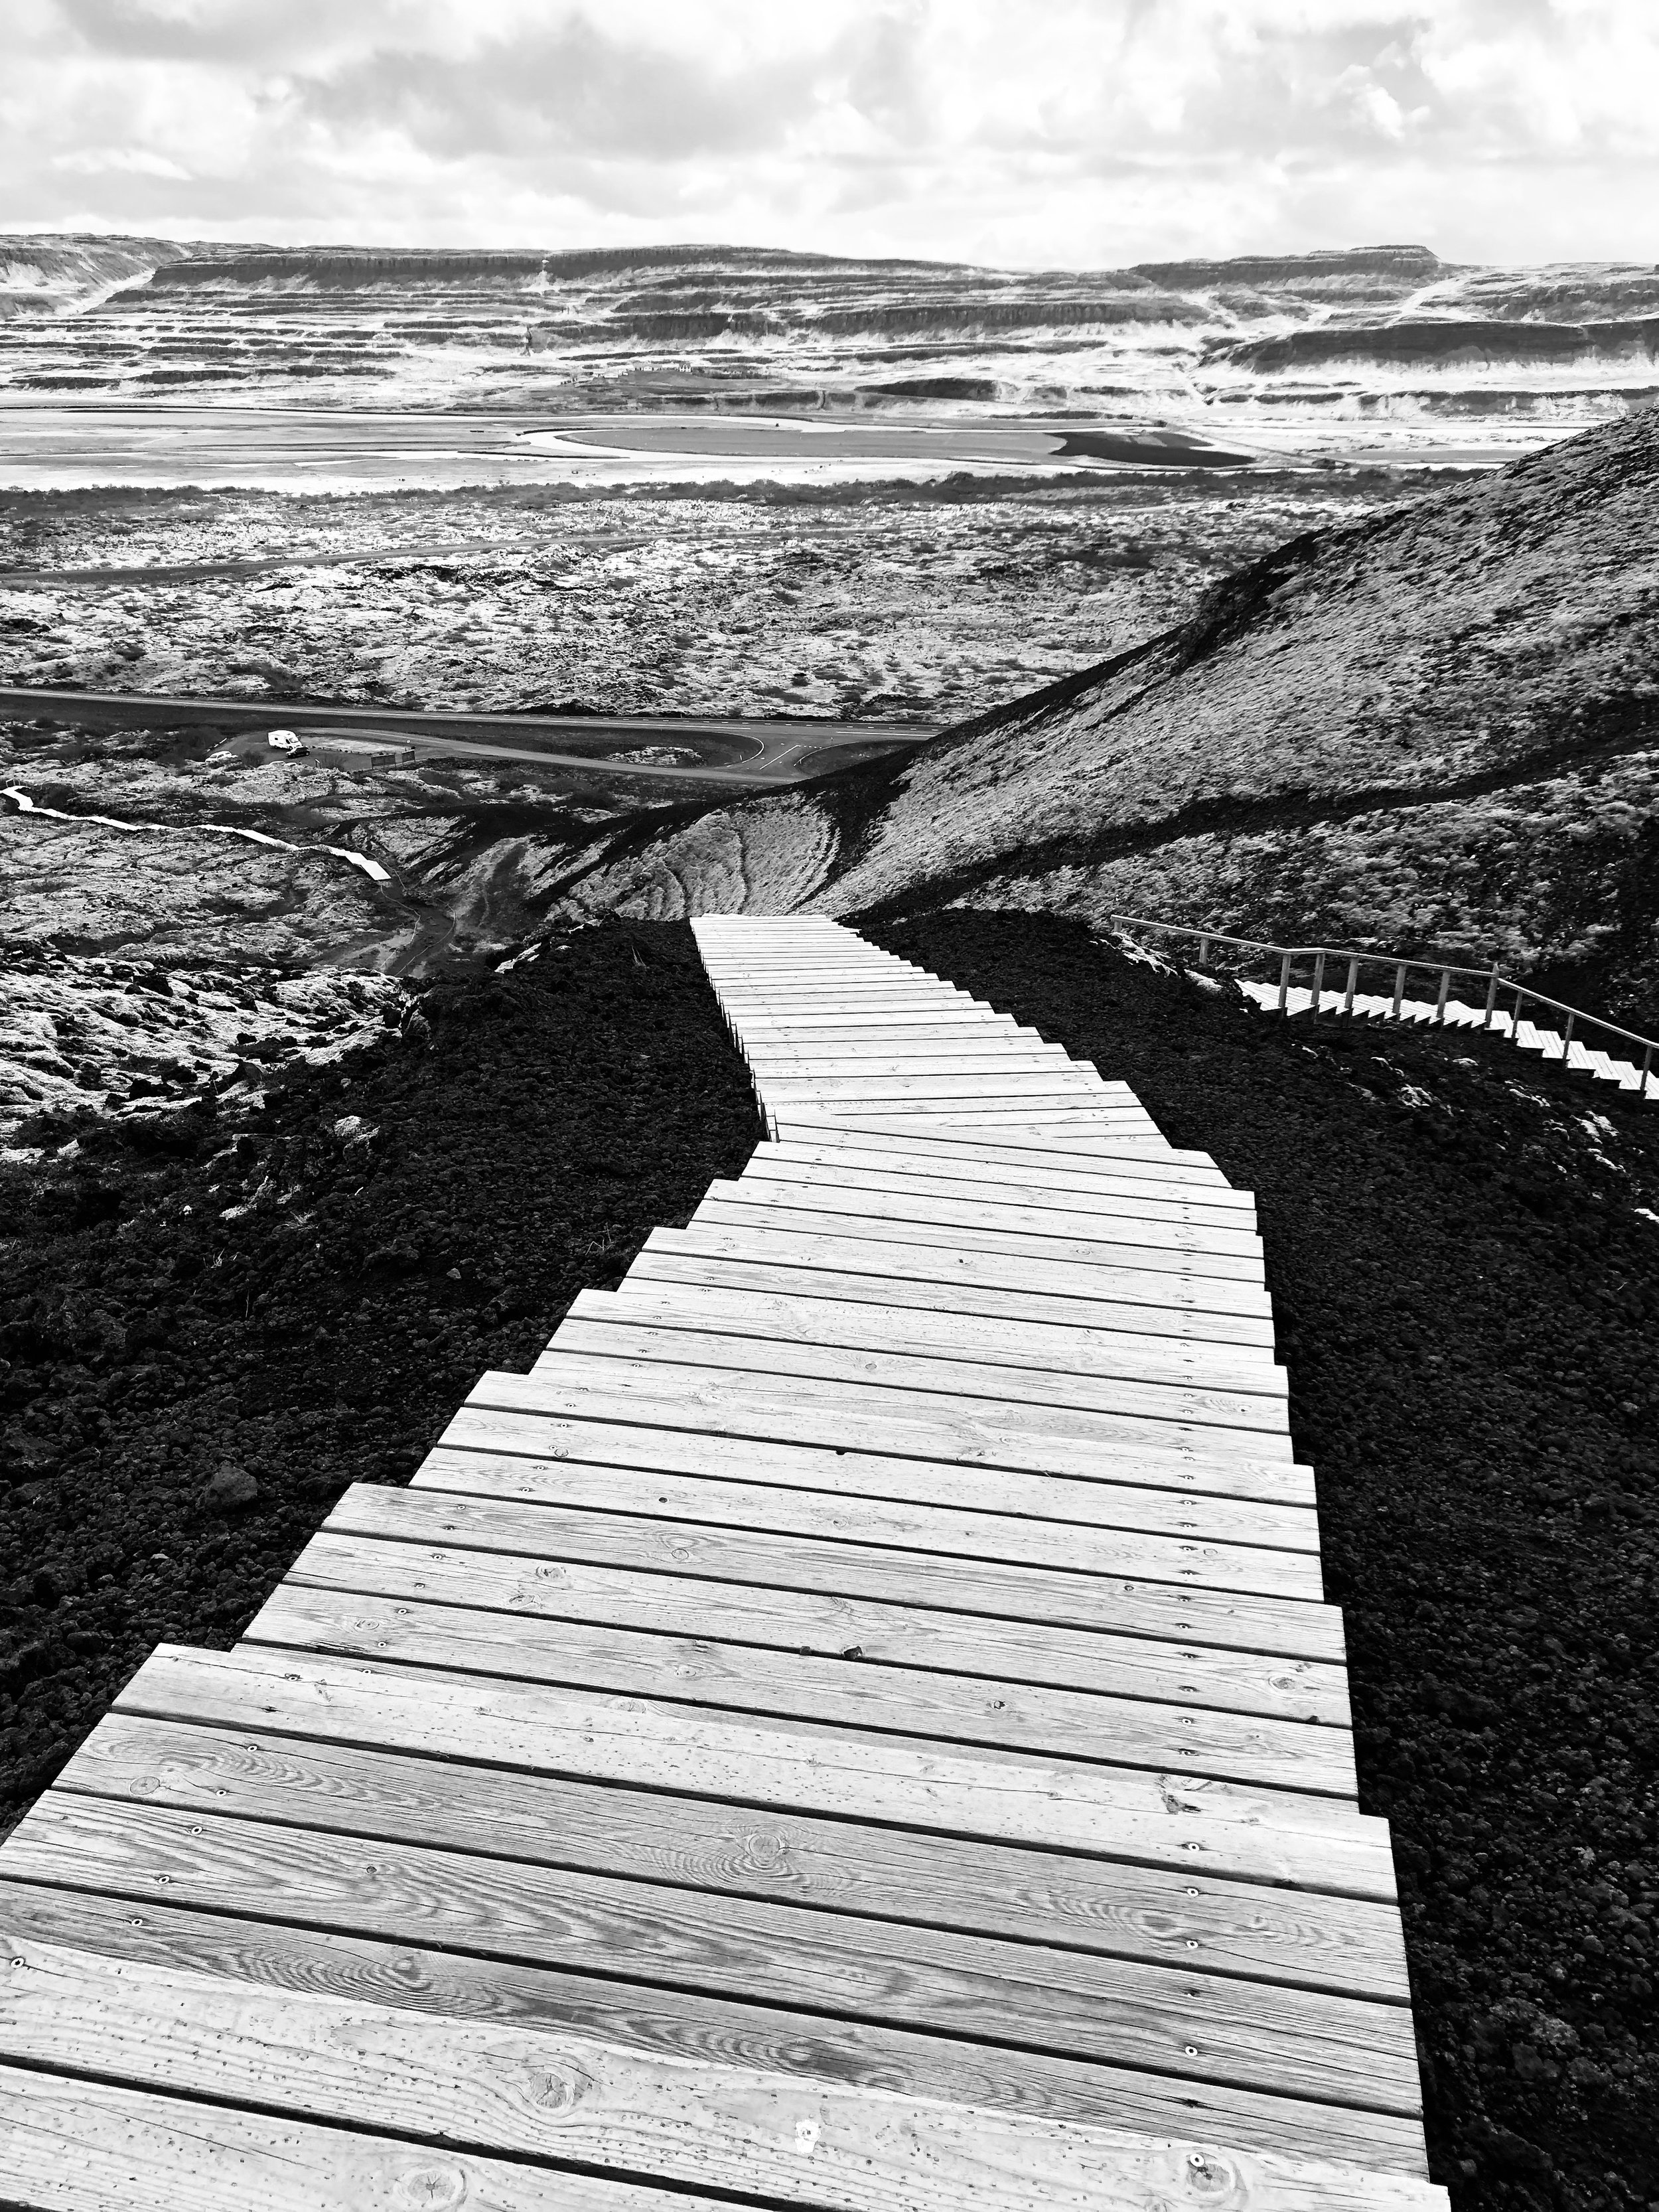 Stairway through cindercone, northern Iceland